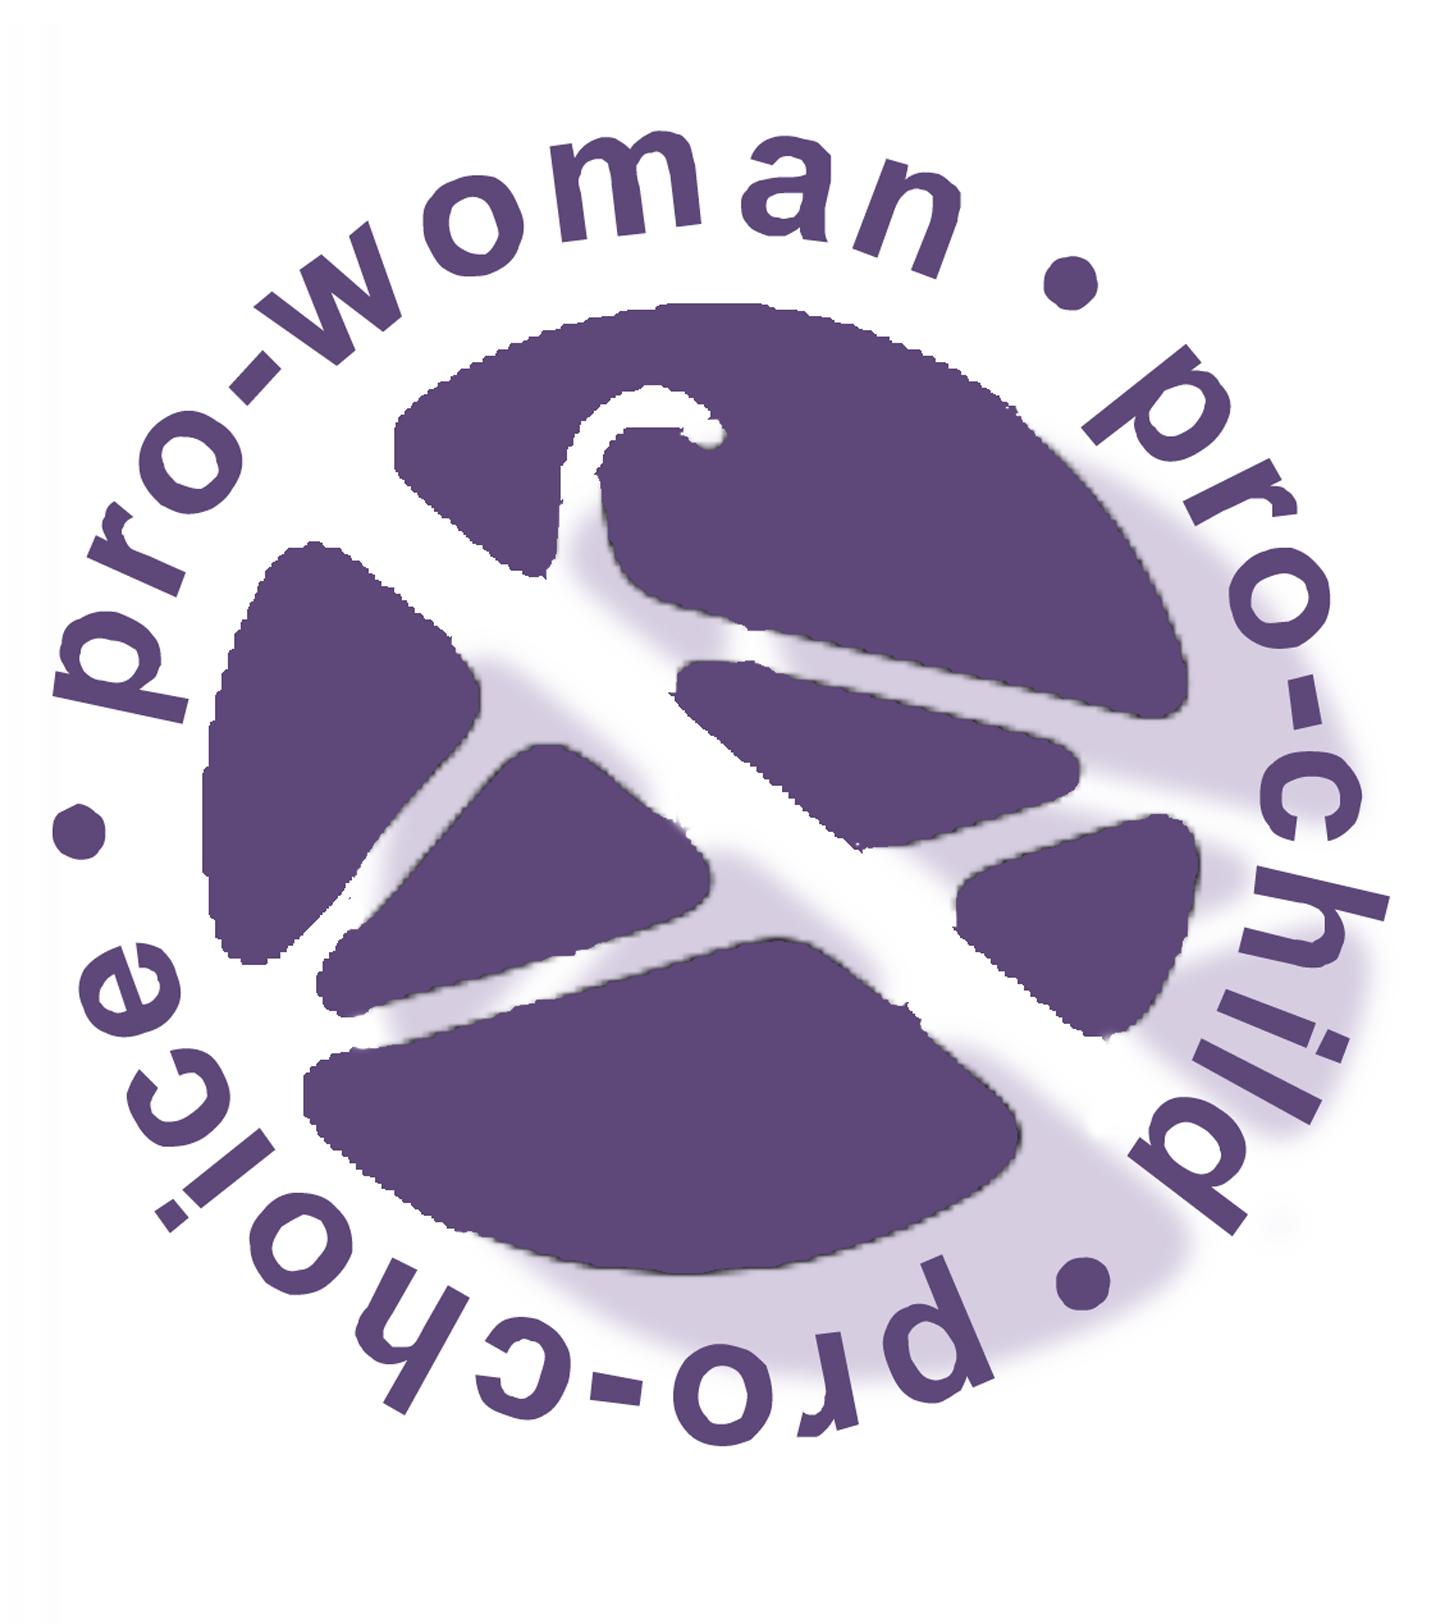 1973 plate Pro-Woman u2022 Pro-Child u2022 Pro-Choice - Pro Choice PNG